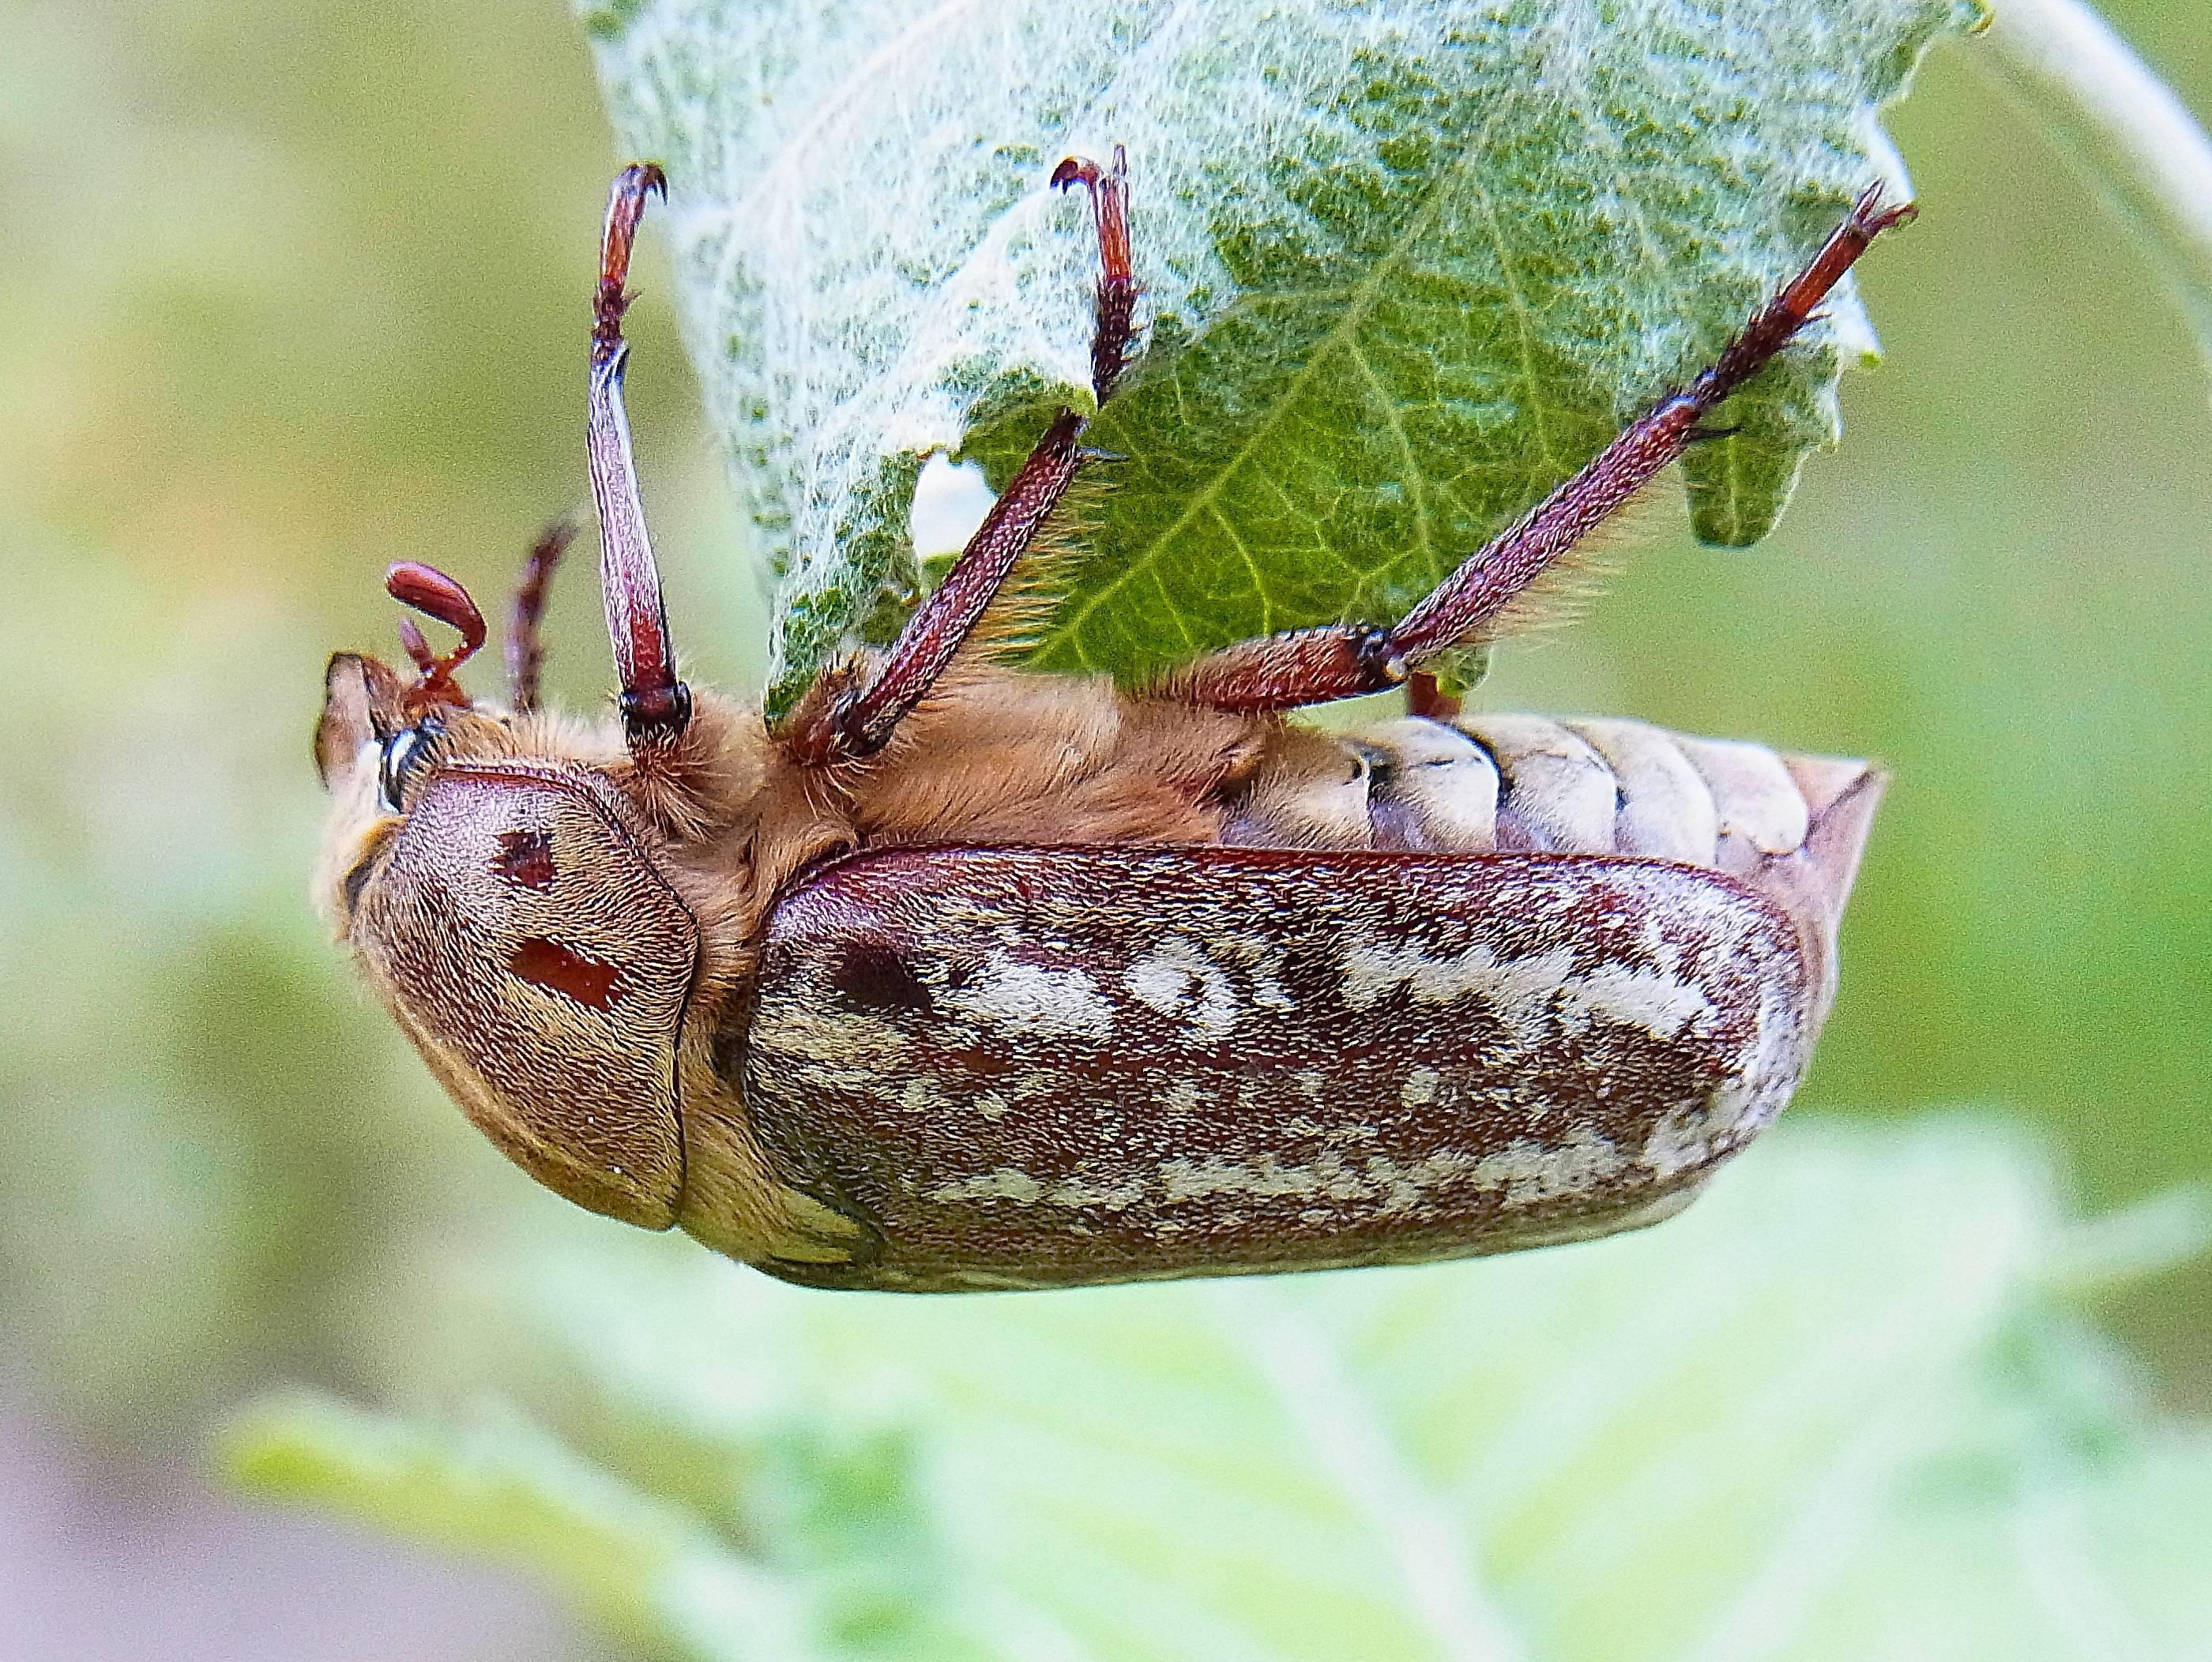 Хрущ майский и нехрущ июньский: жуки и их личинки